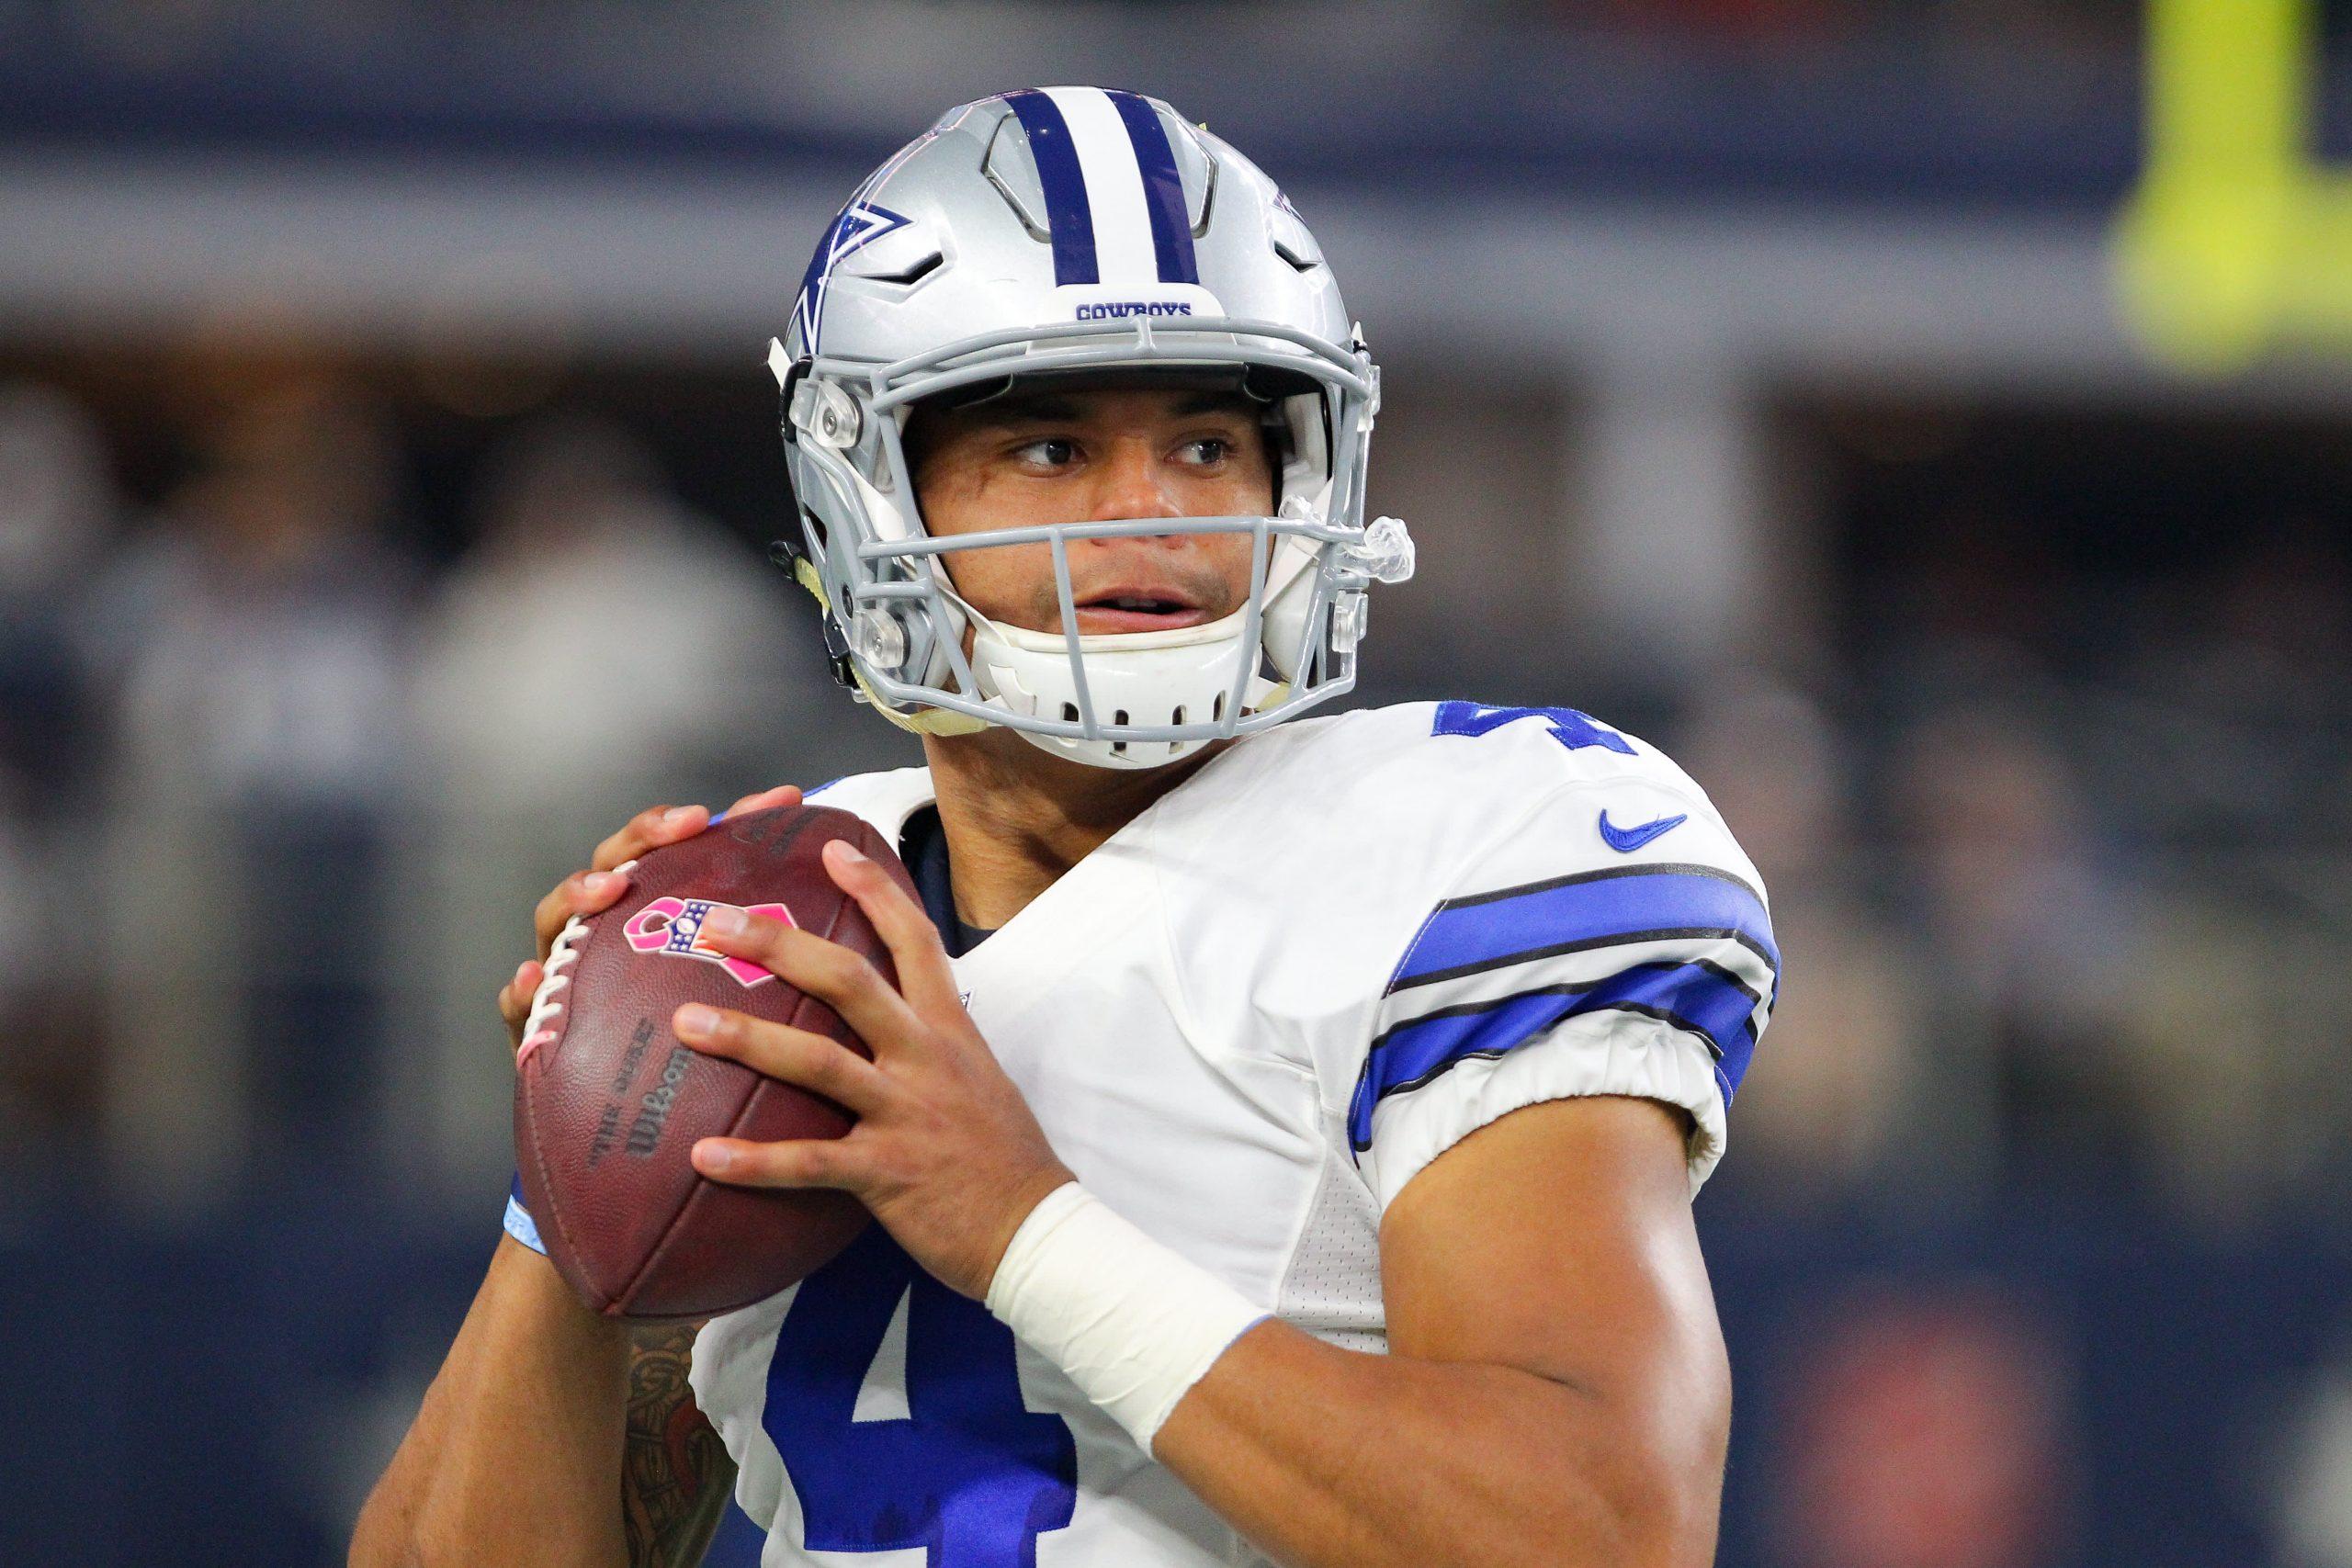 Dallas Cowboys' Dak Prescott takes 20% stake in Walk-On's franchises